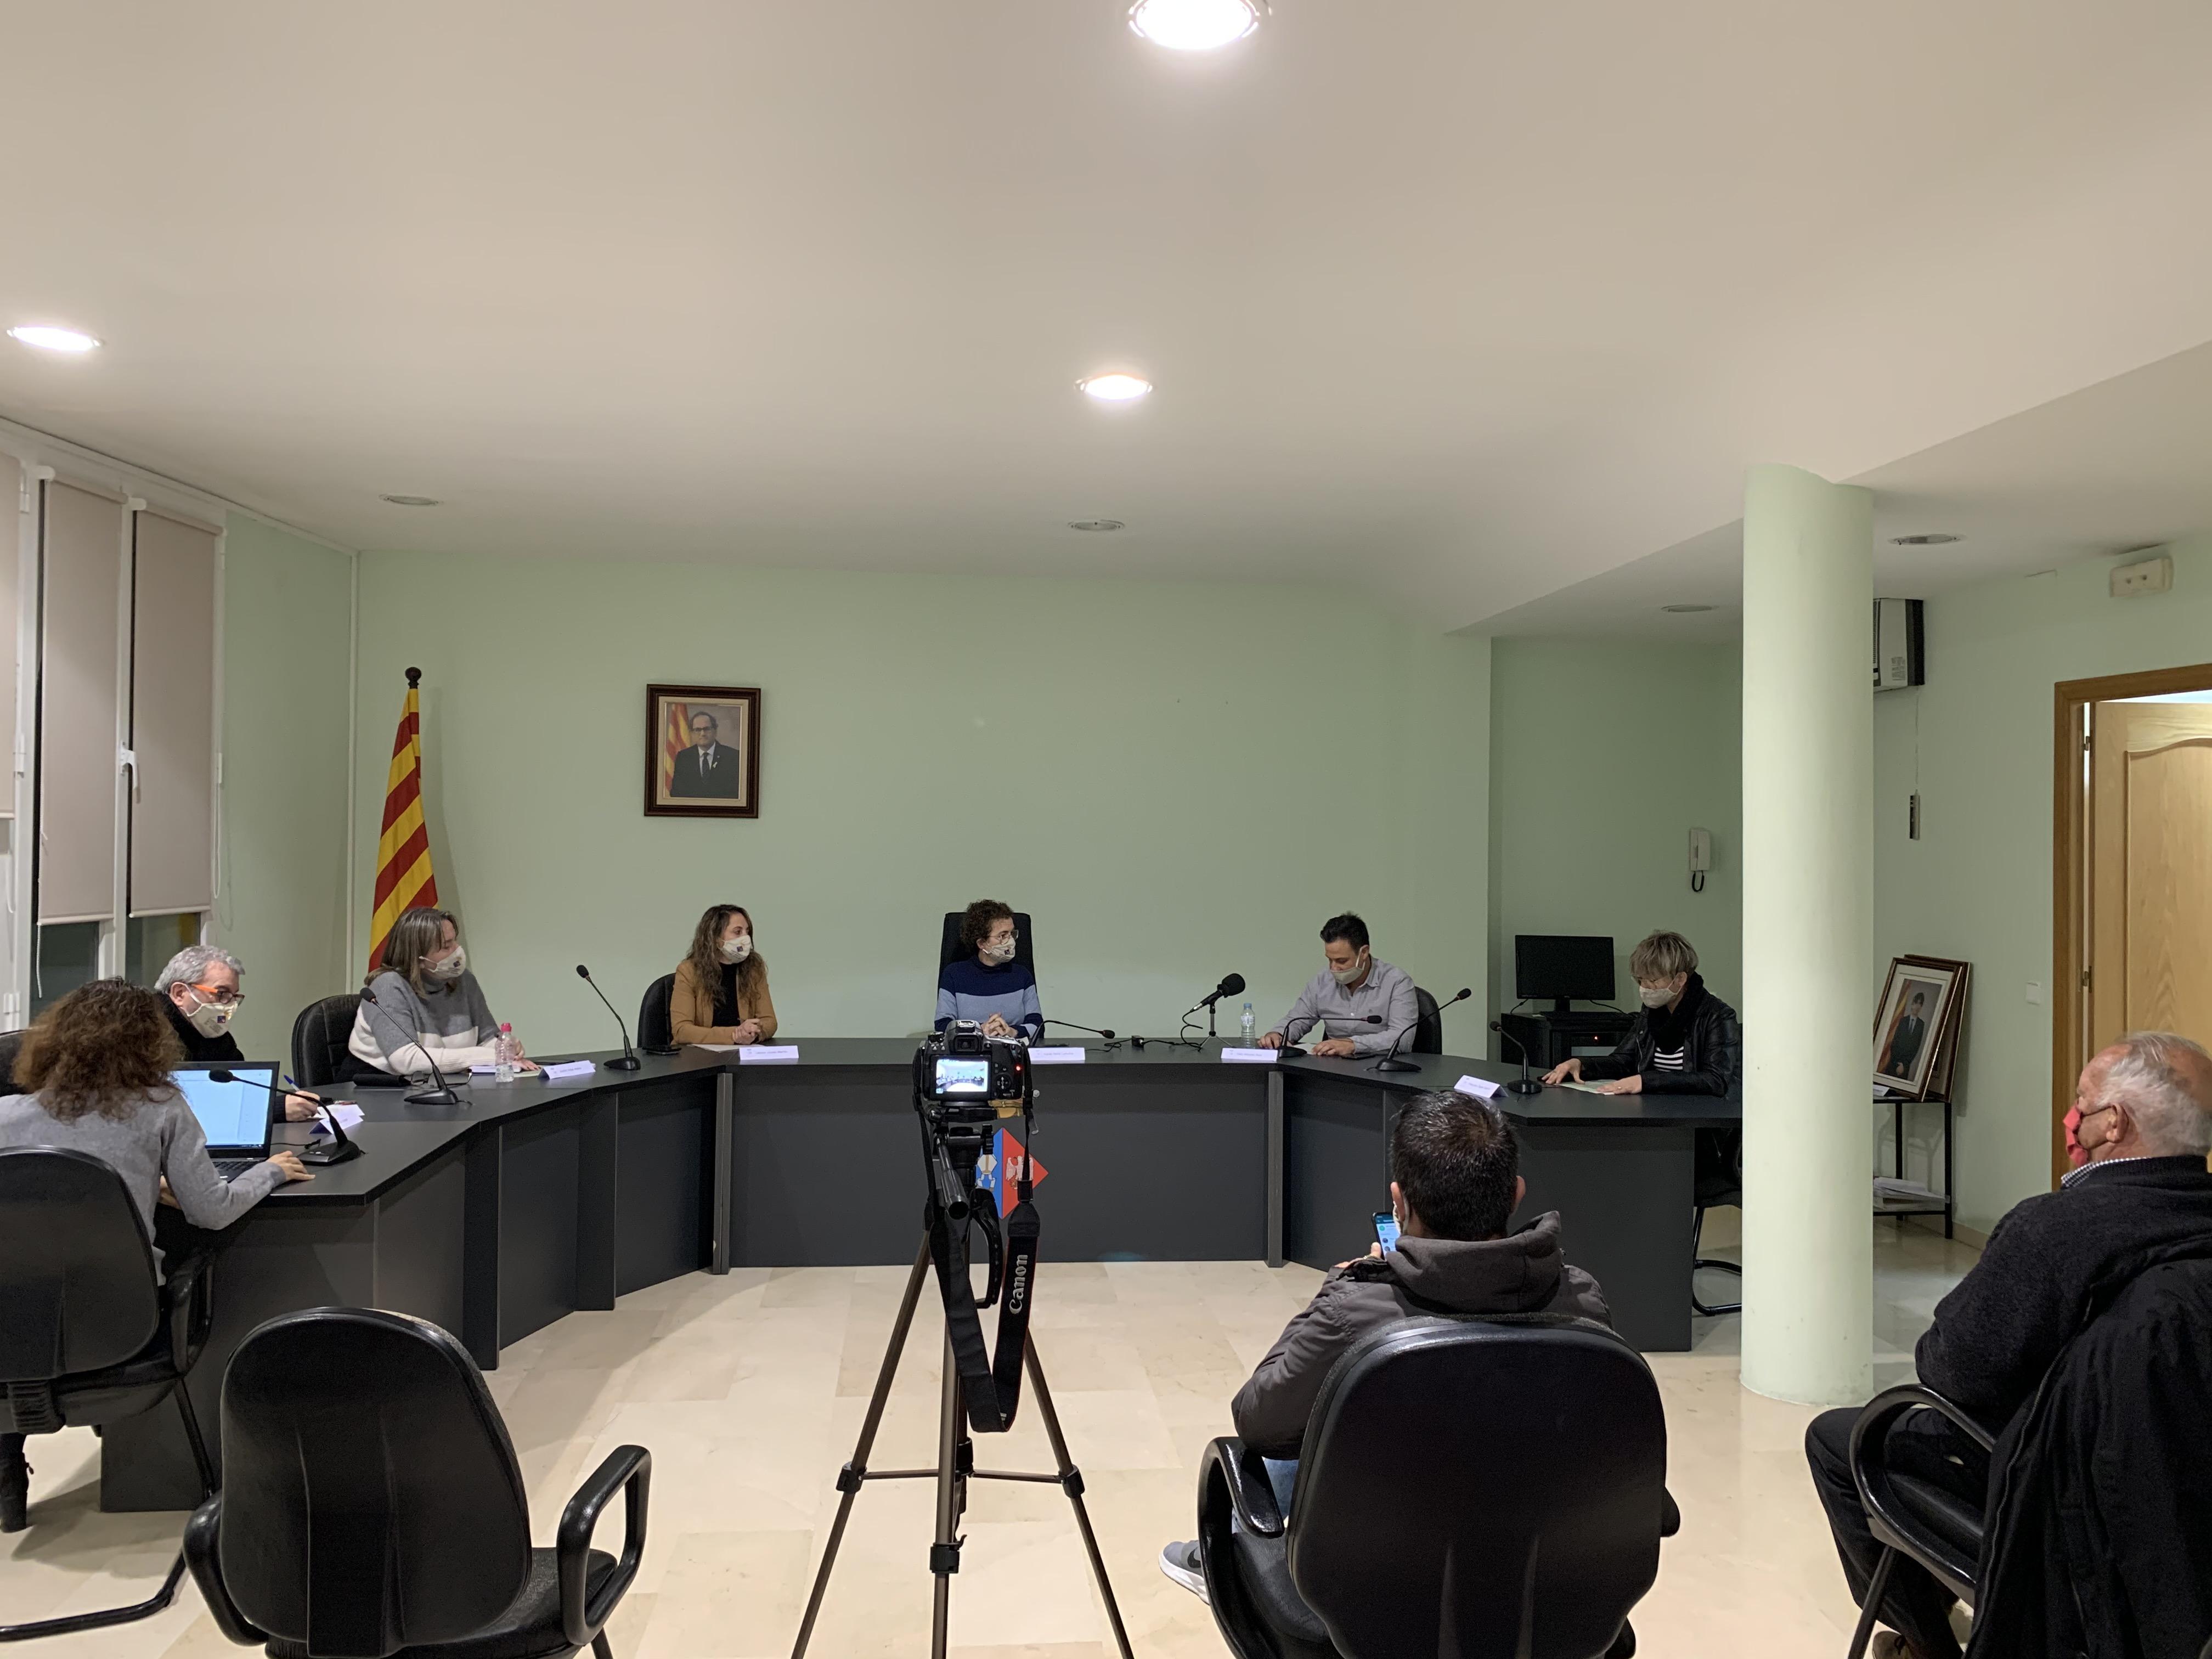 Aquest dilluns s'han aprovat dos punts de la Junta de Govern amb competències delegades del Ple